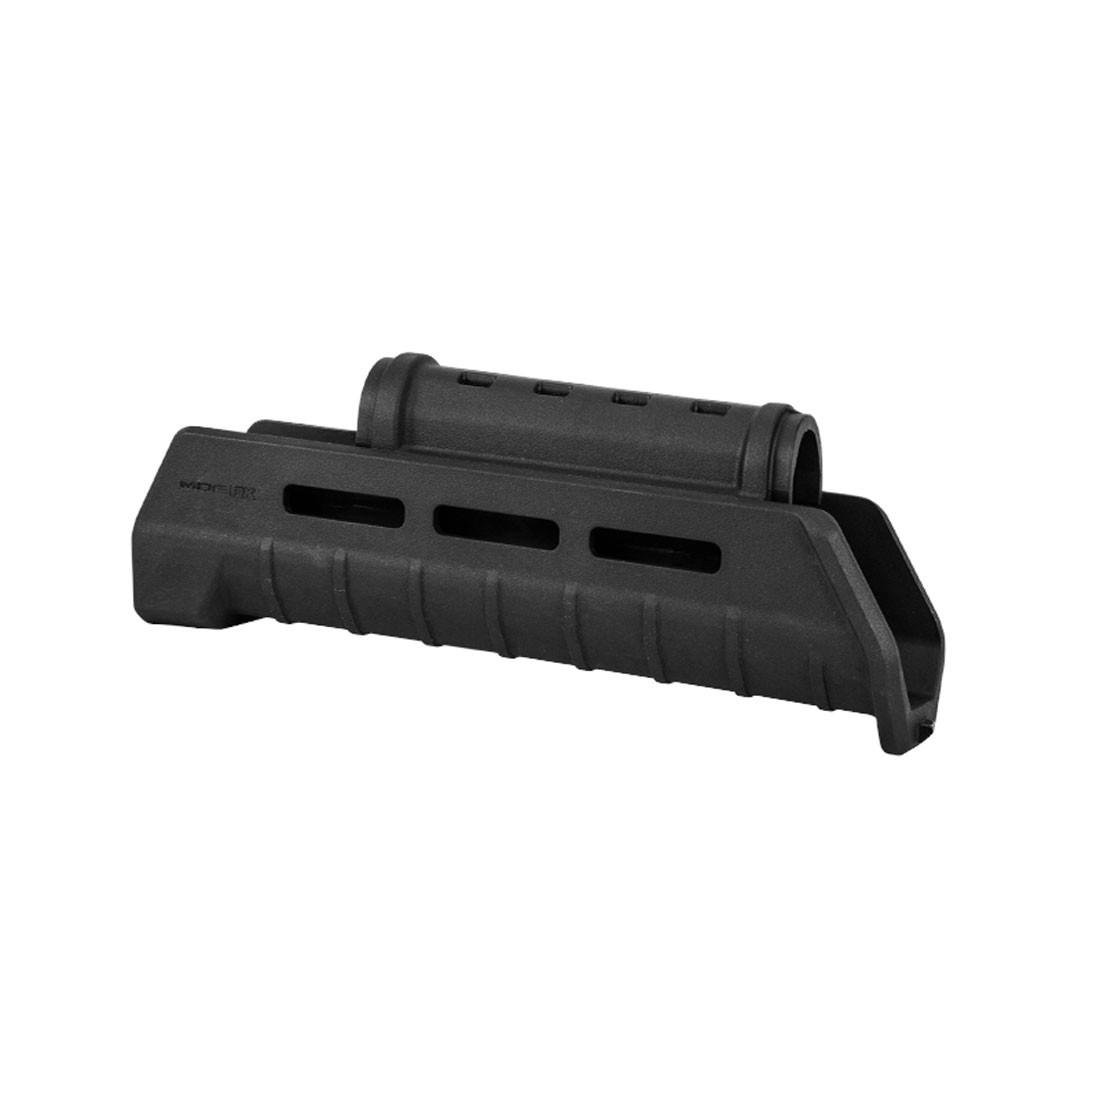 Magpul MOE AK Hand Guard - AK47/AK74